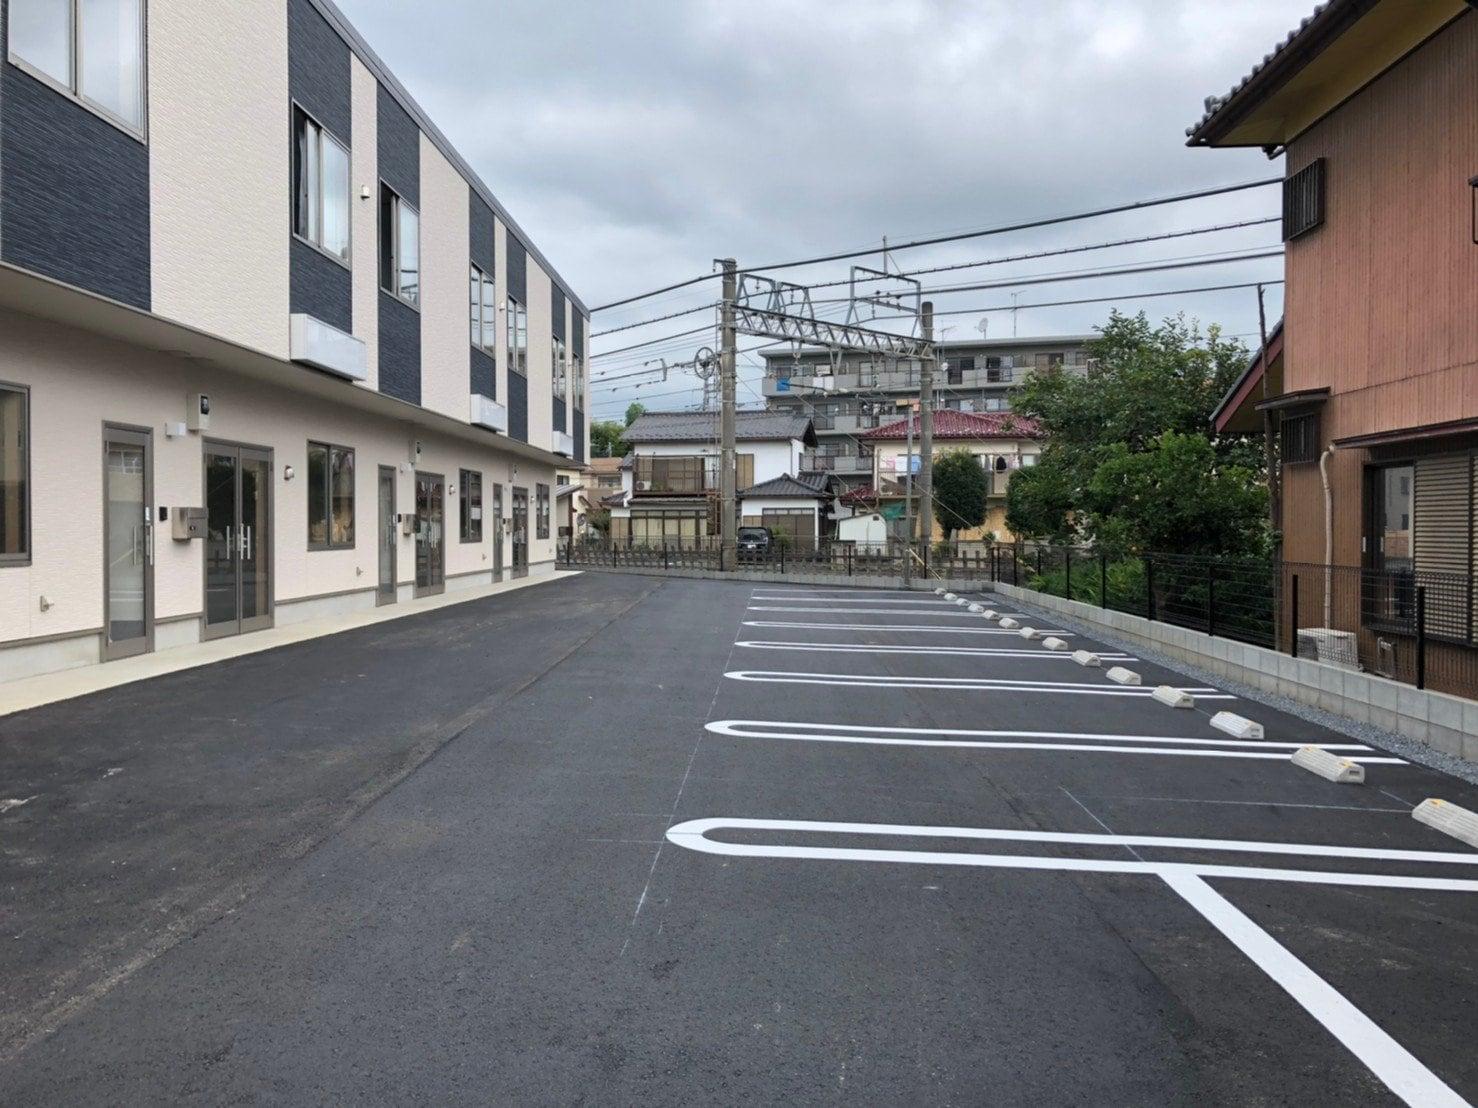 【現地払い又はお振込み専用】埼玉県東松山市 新築貸し事務所・店舗のイメージその3